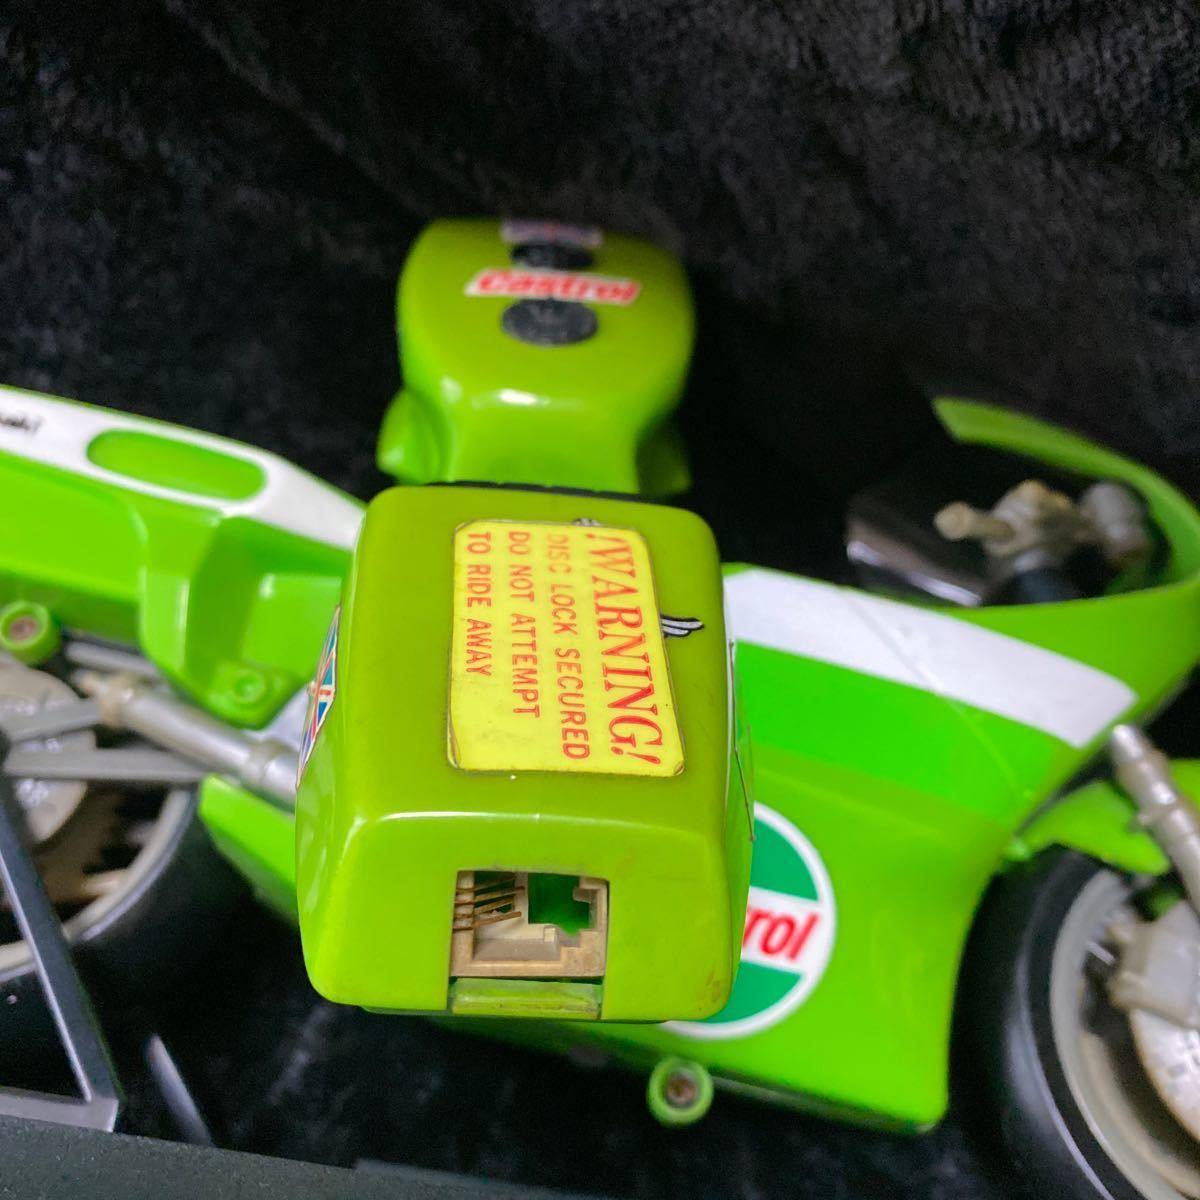 【現状渡し】Kawasaki YE-500 バイク型固定電話 ユピテル工業株式会社 レトロ コレクション品 カワサキ バイク アンティーク 電話機電話器_画像9